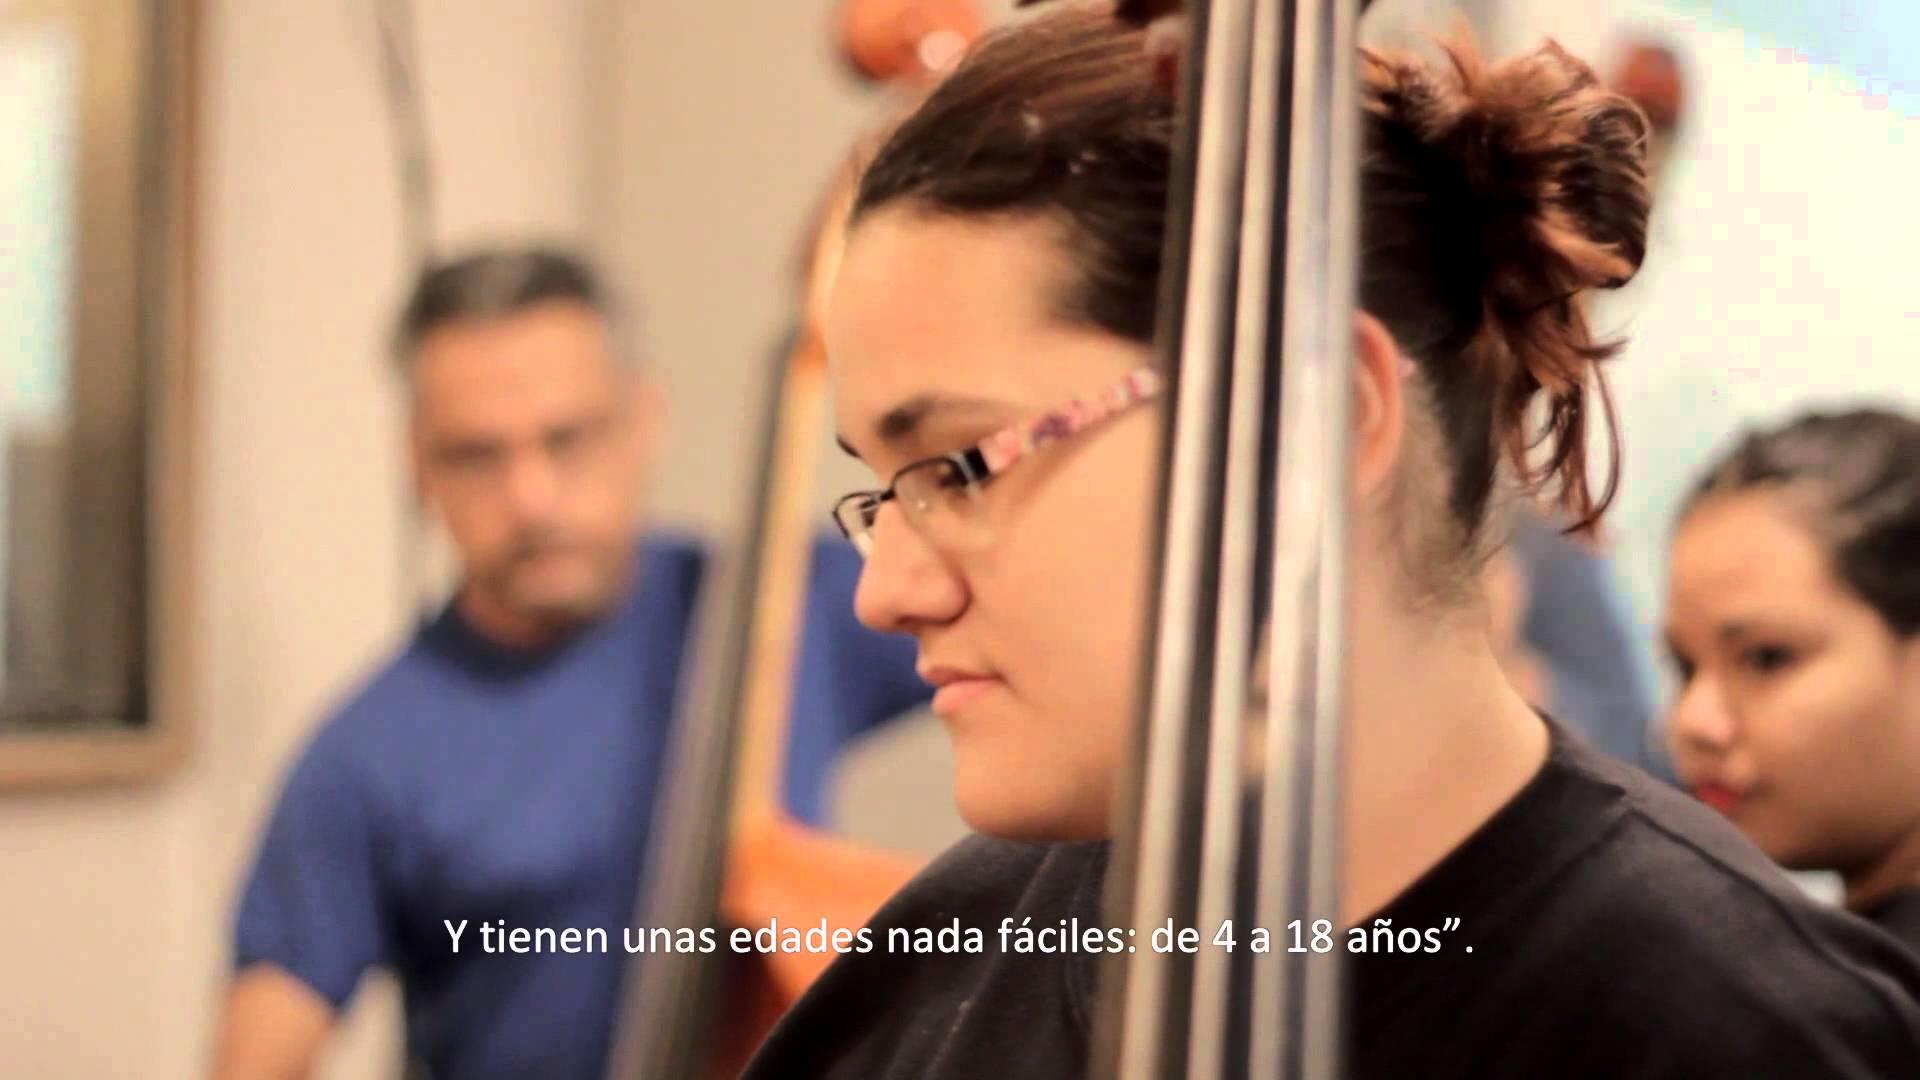 Barcelona es familia: El aprendizaje y la educación